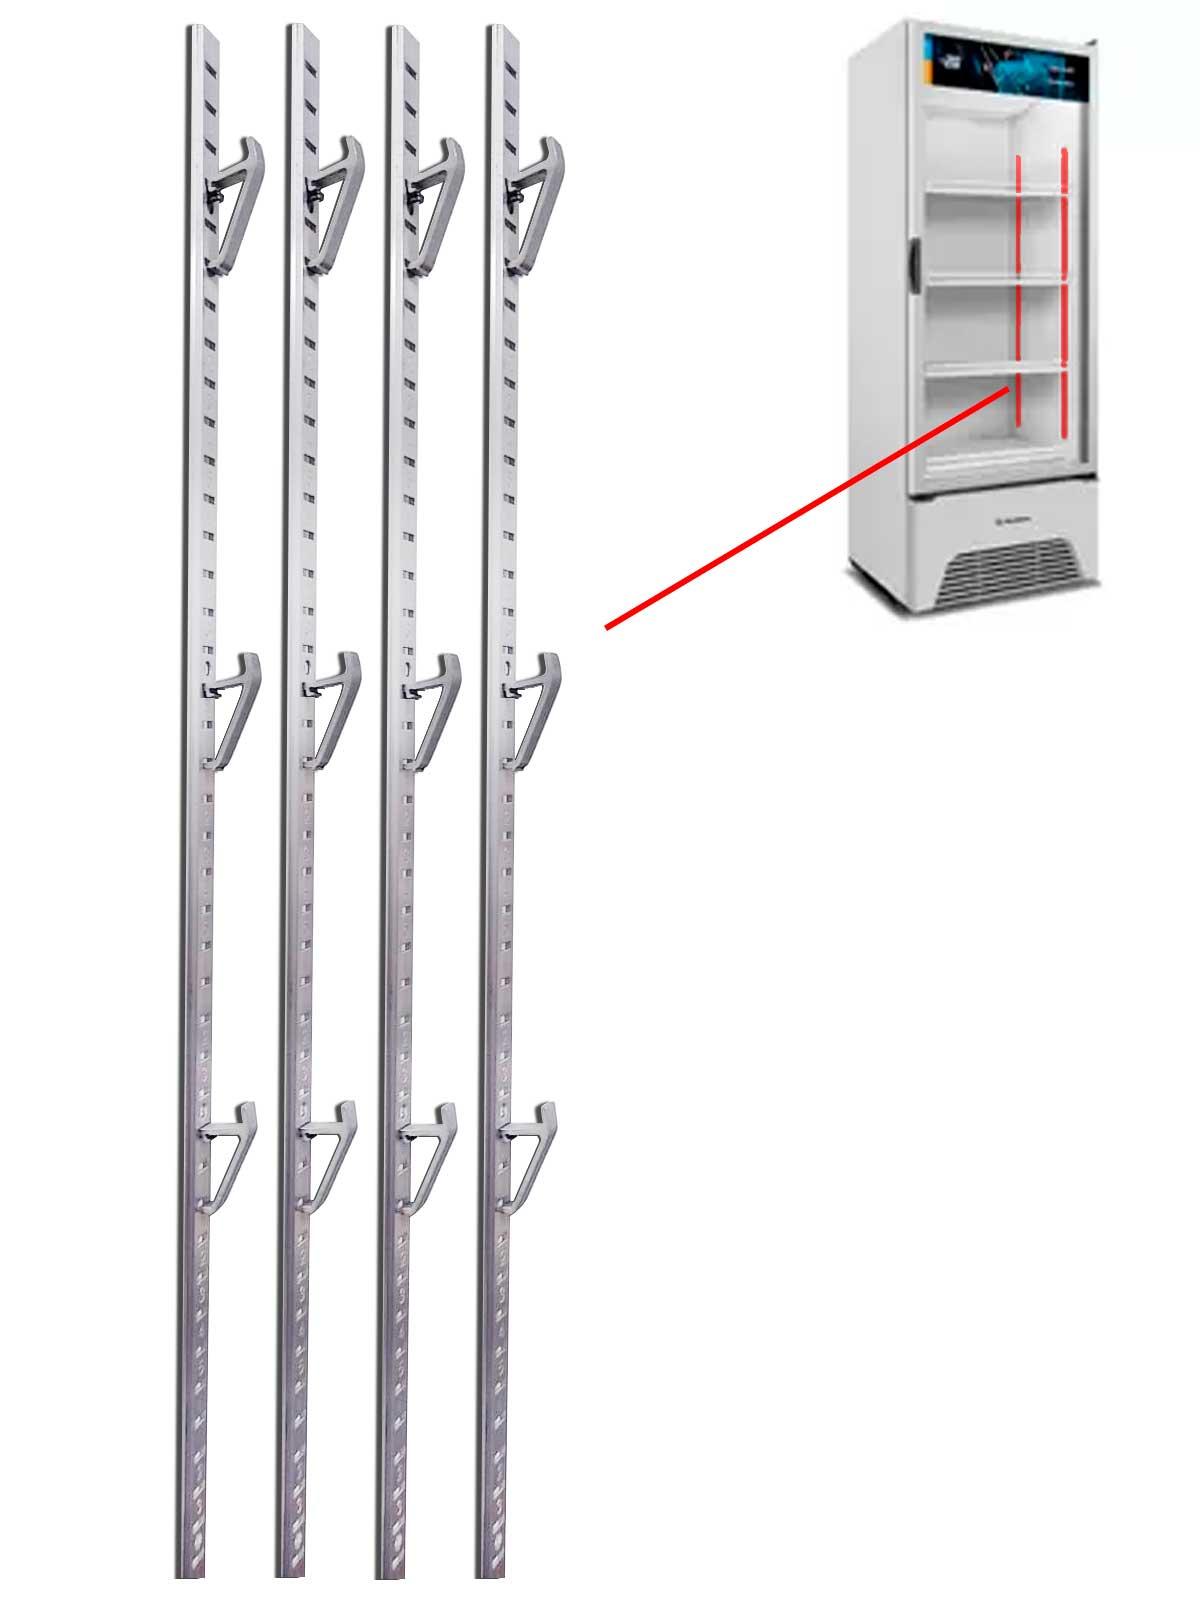 4 Cremalheira Trilho Para Suporte De Grade Metalfrio Gelopar 1,20 METRO  020119C203